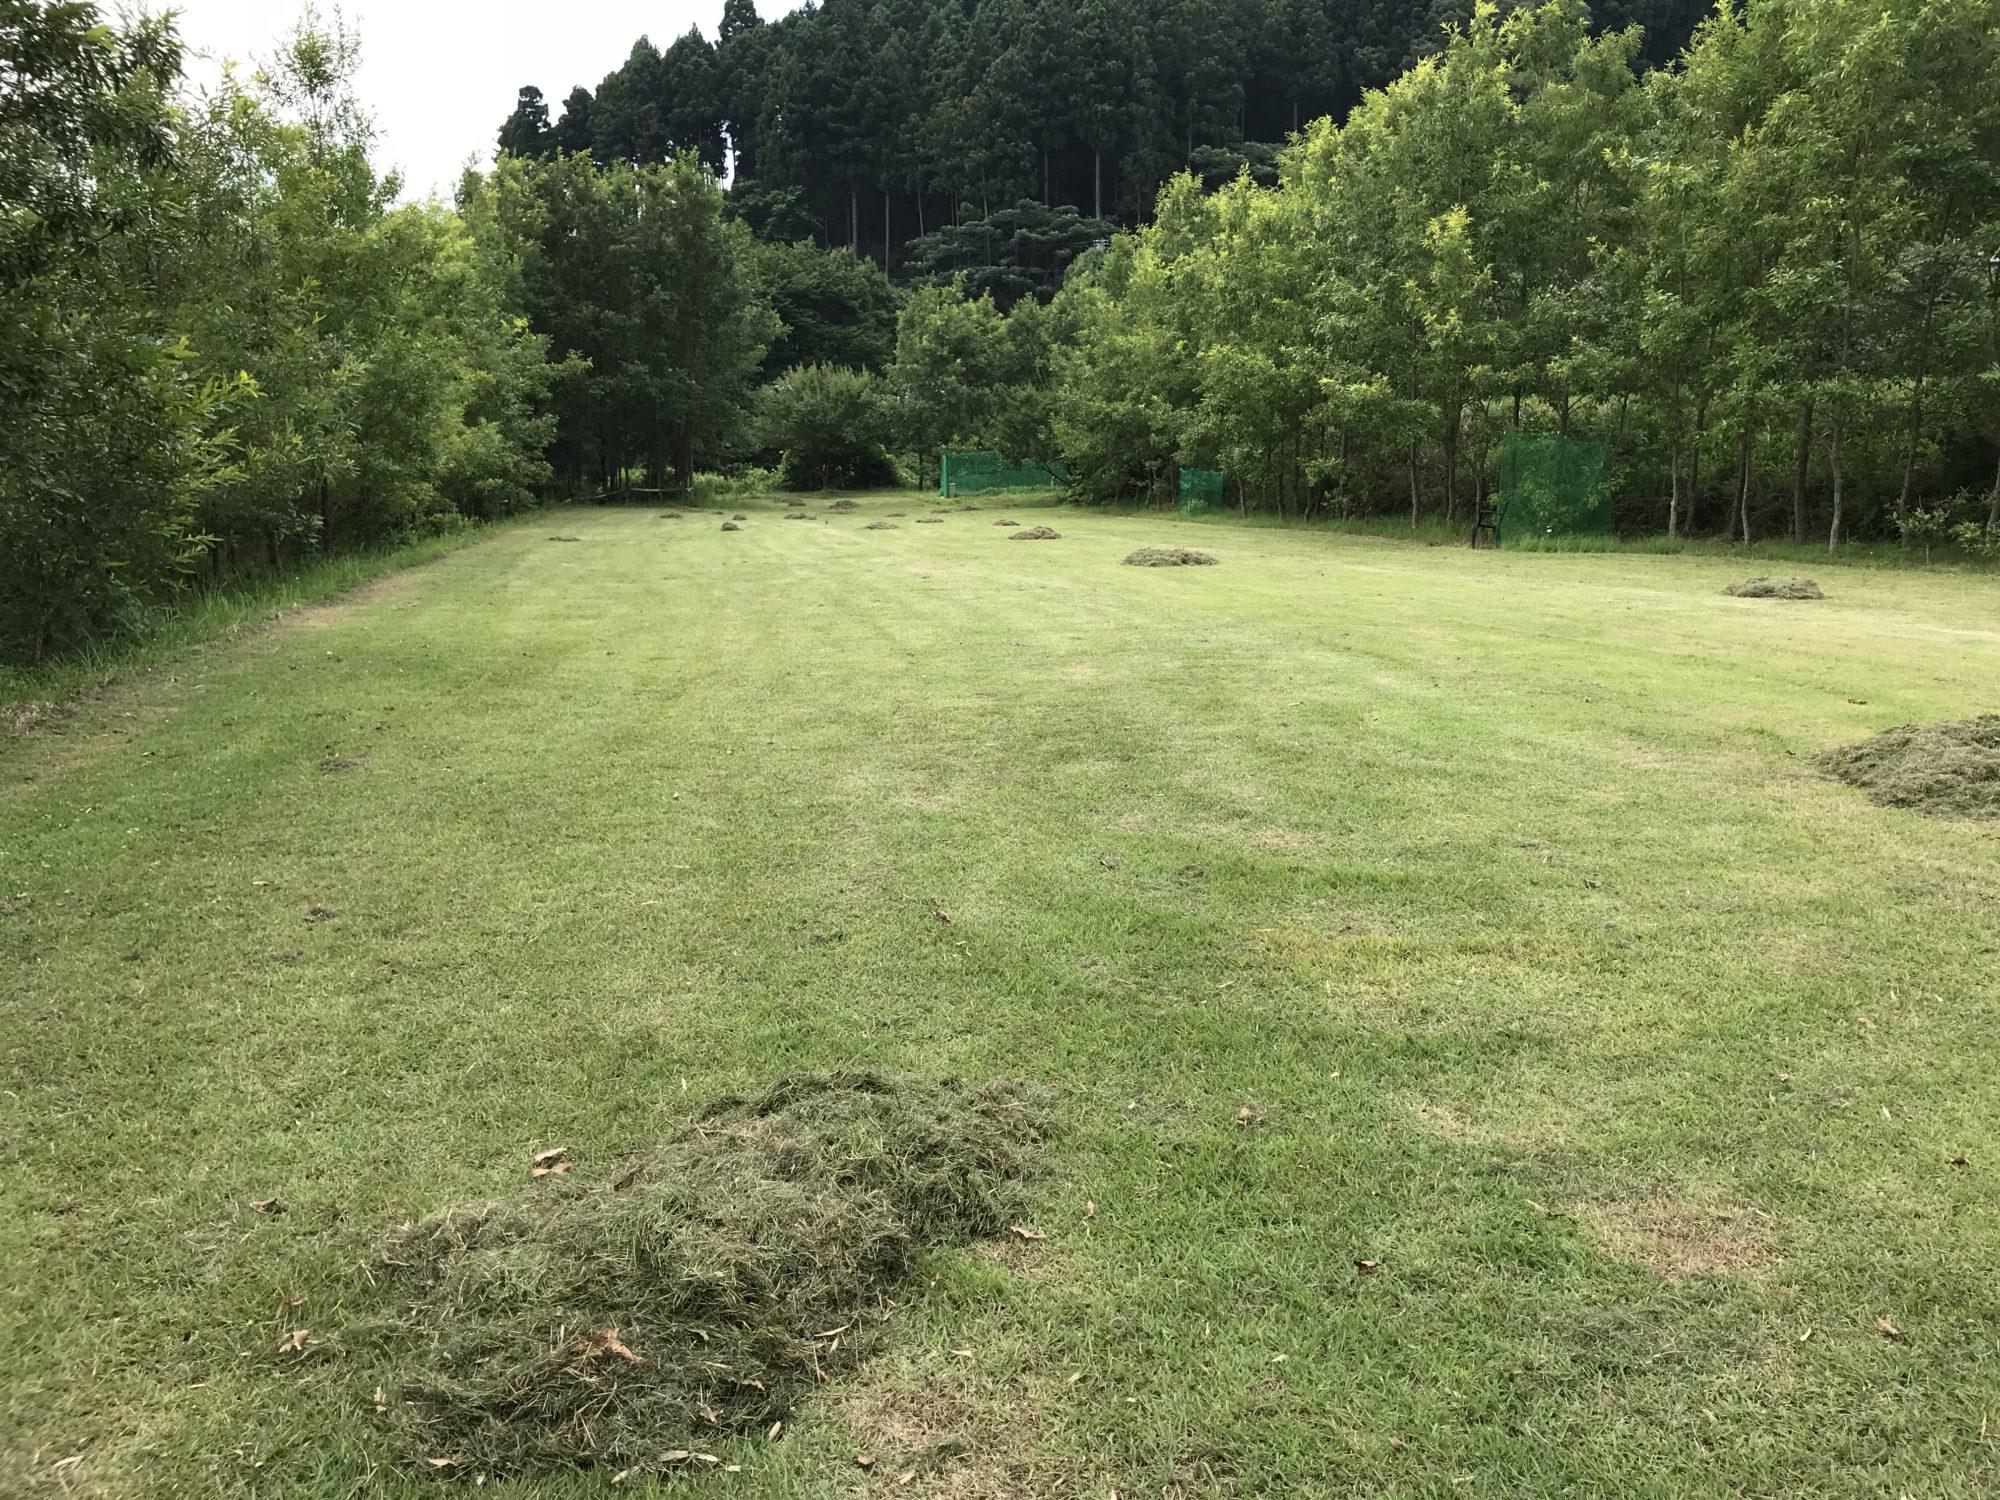 刈った芝をおおよそまとめた